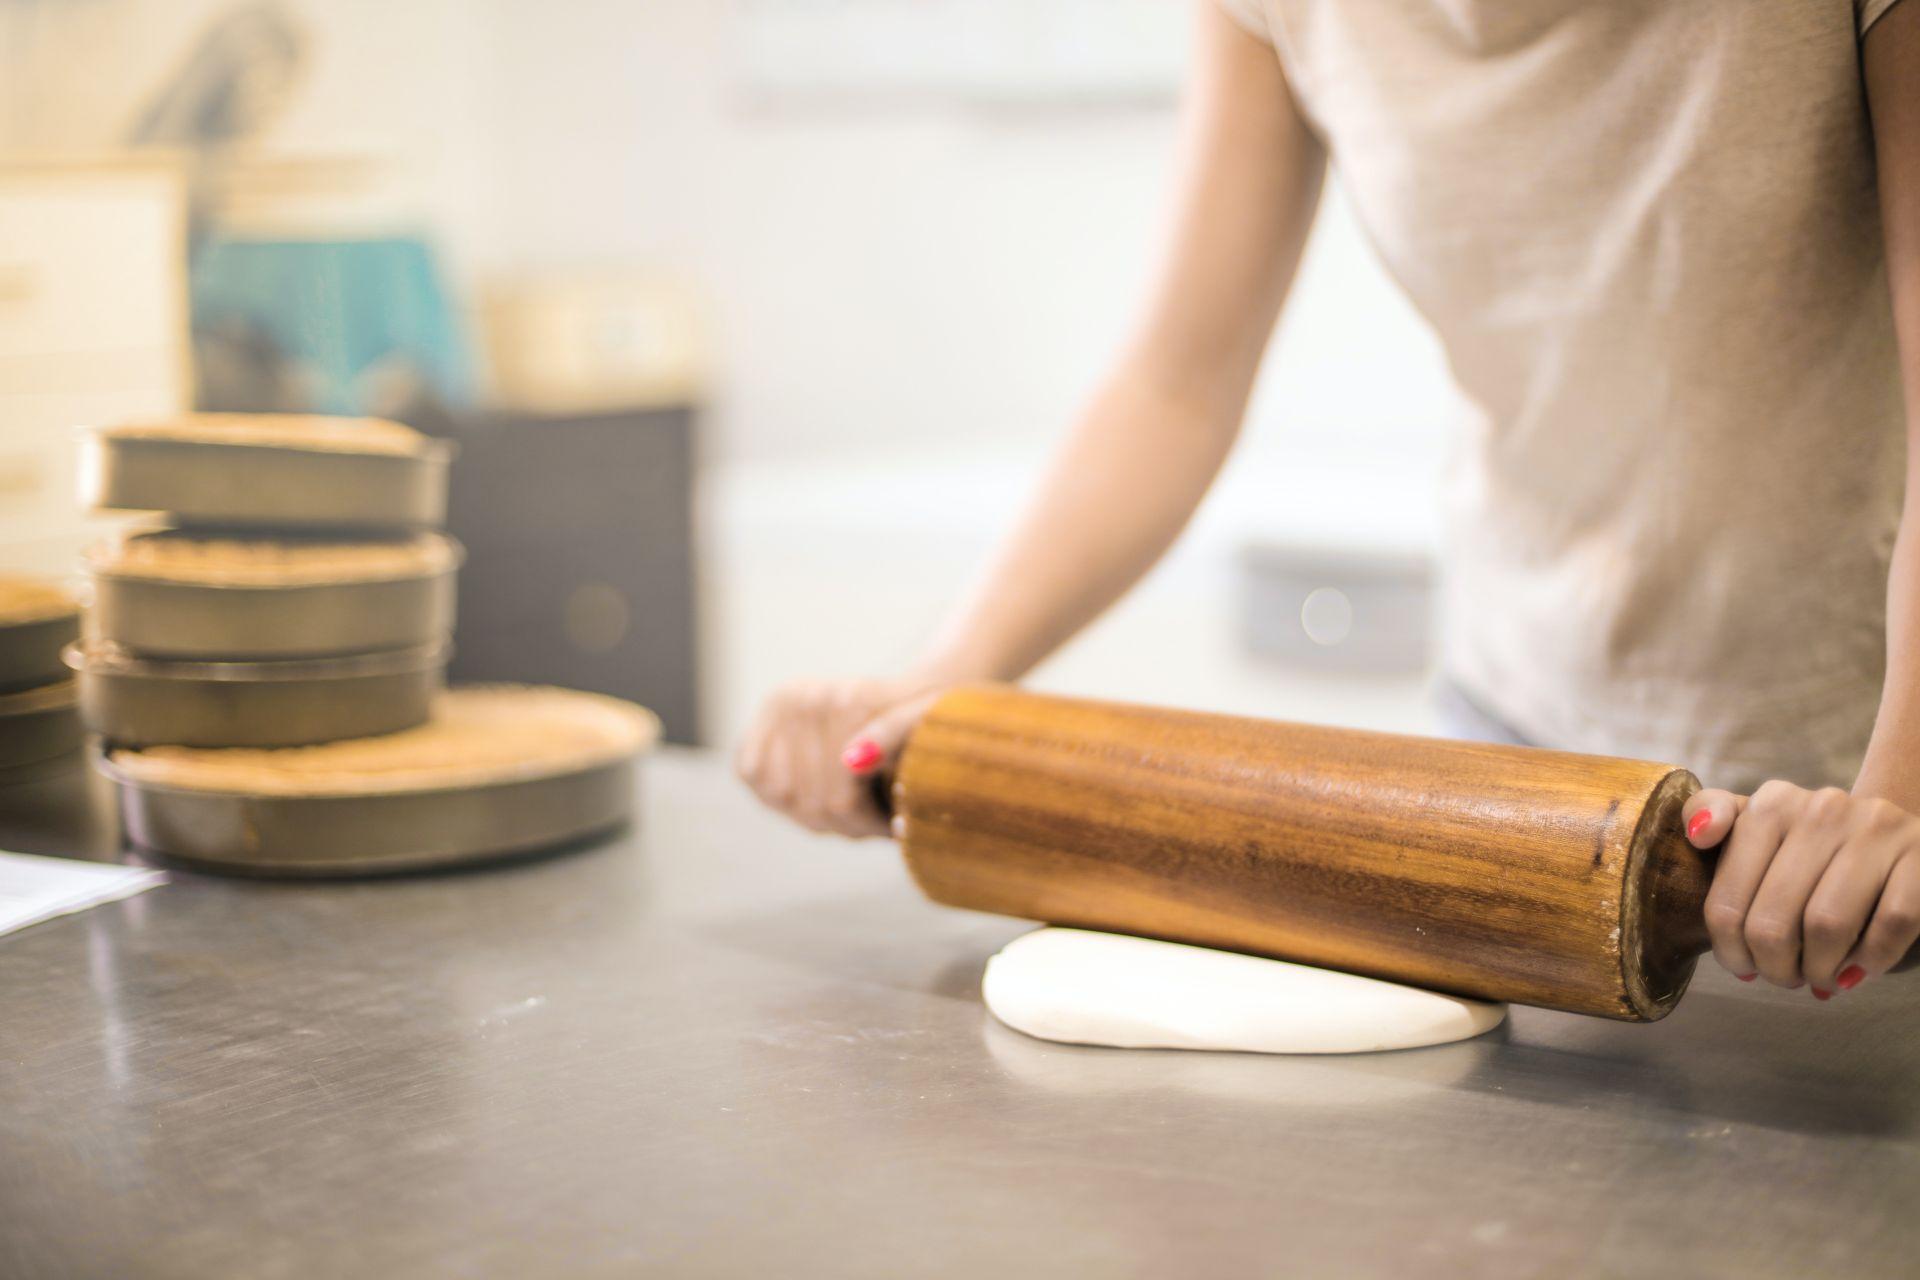 Πιο μέταλλο να επιλέξετε για πάγκο εργασίας στο χώρο της κουζίνας.